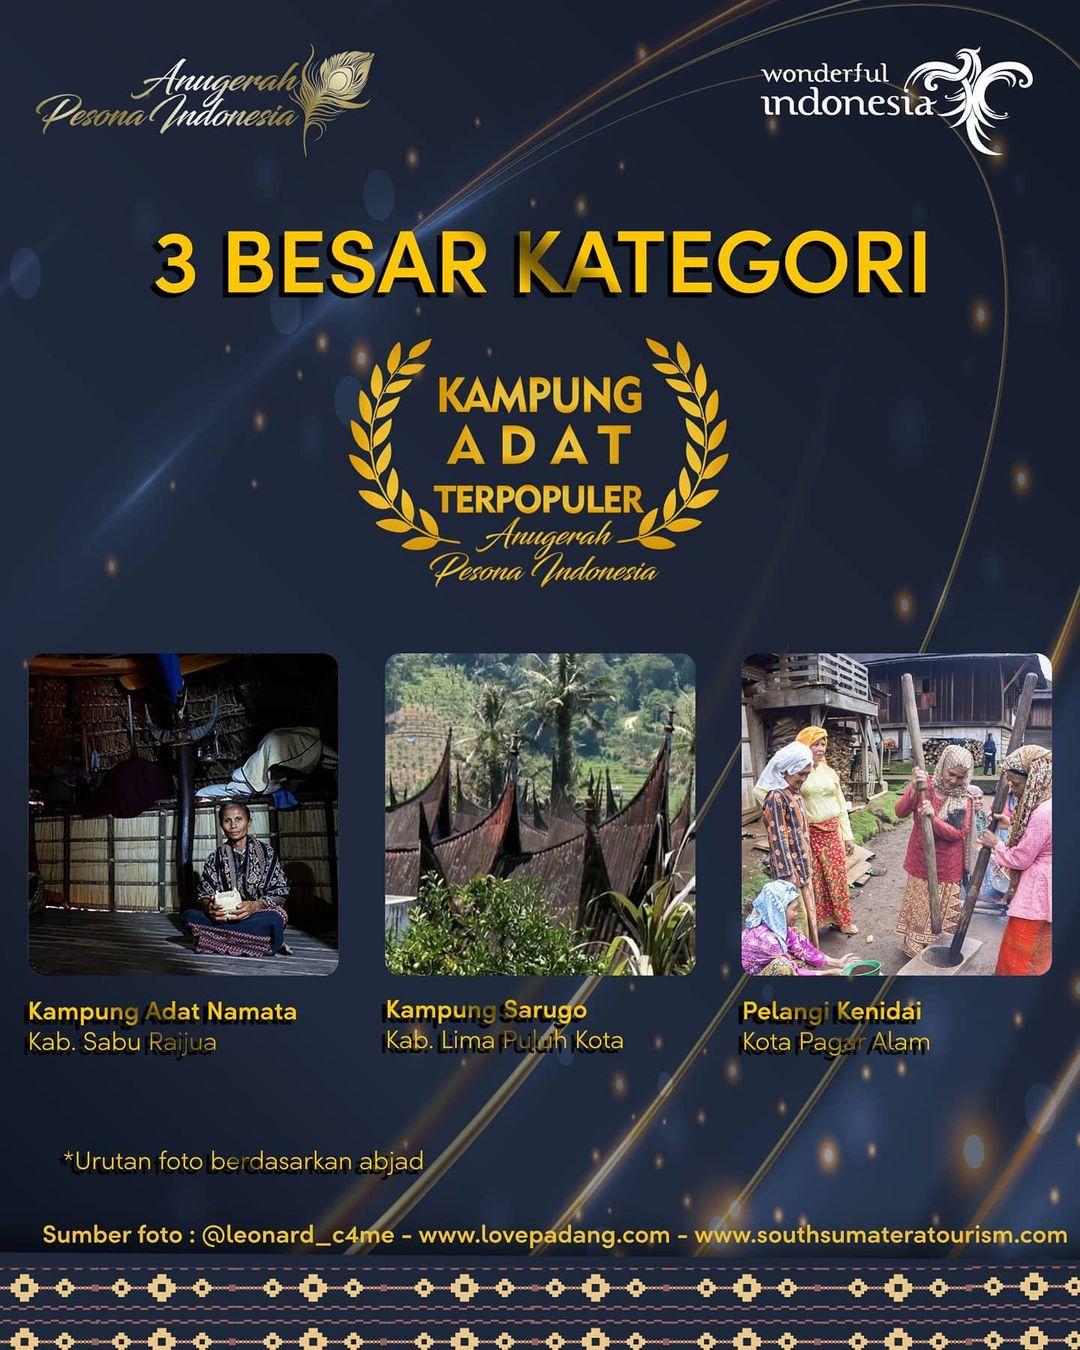 Kampung Adat Namata masuk dalam Nominasi Kampung Adat Terpopuler Anugerah Pesona Indonesia